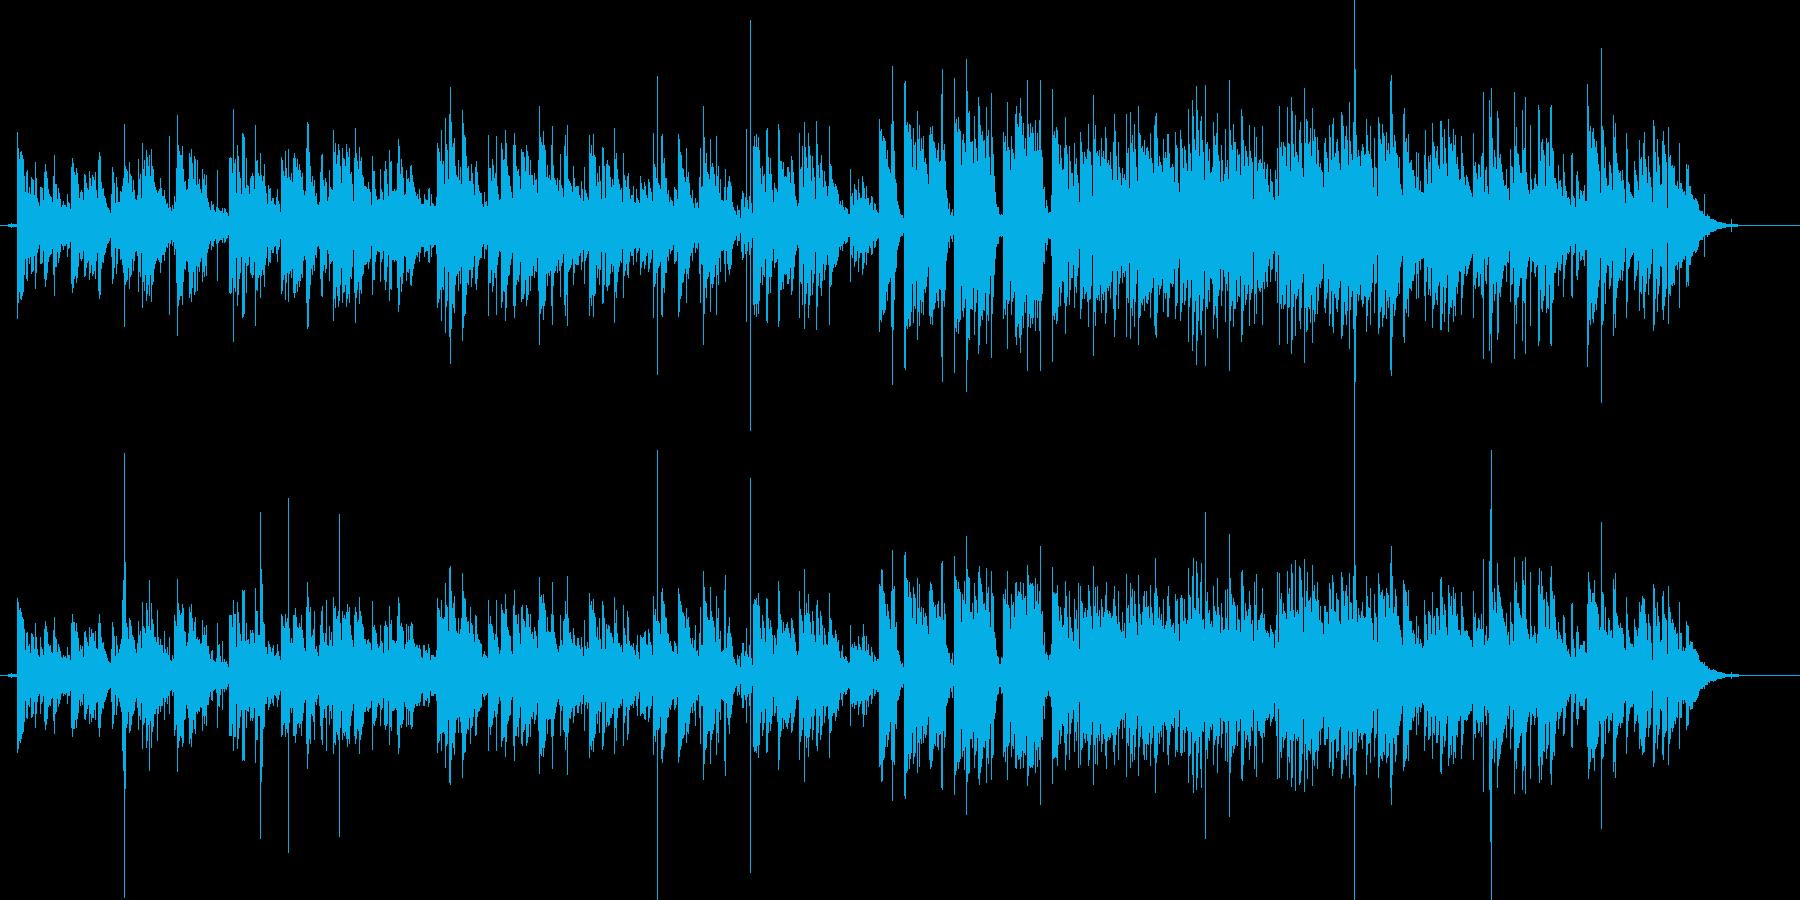 Pergolaの再生済みの波形